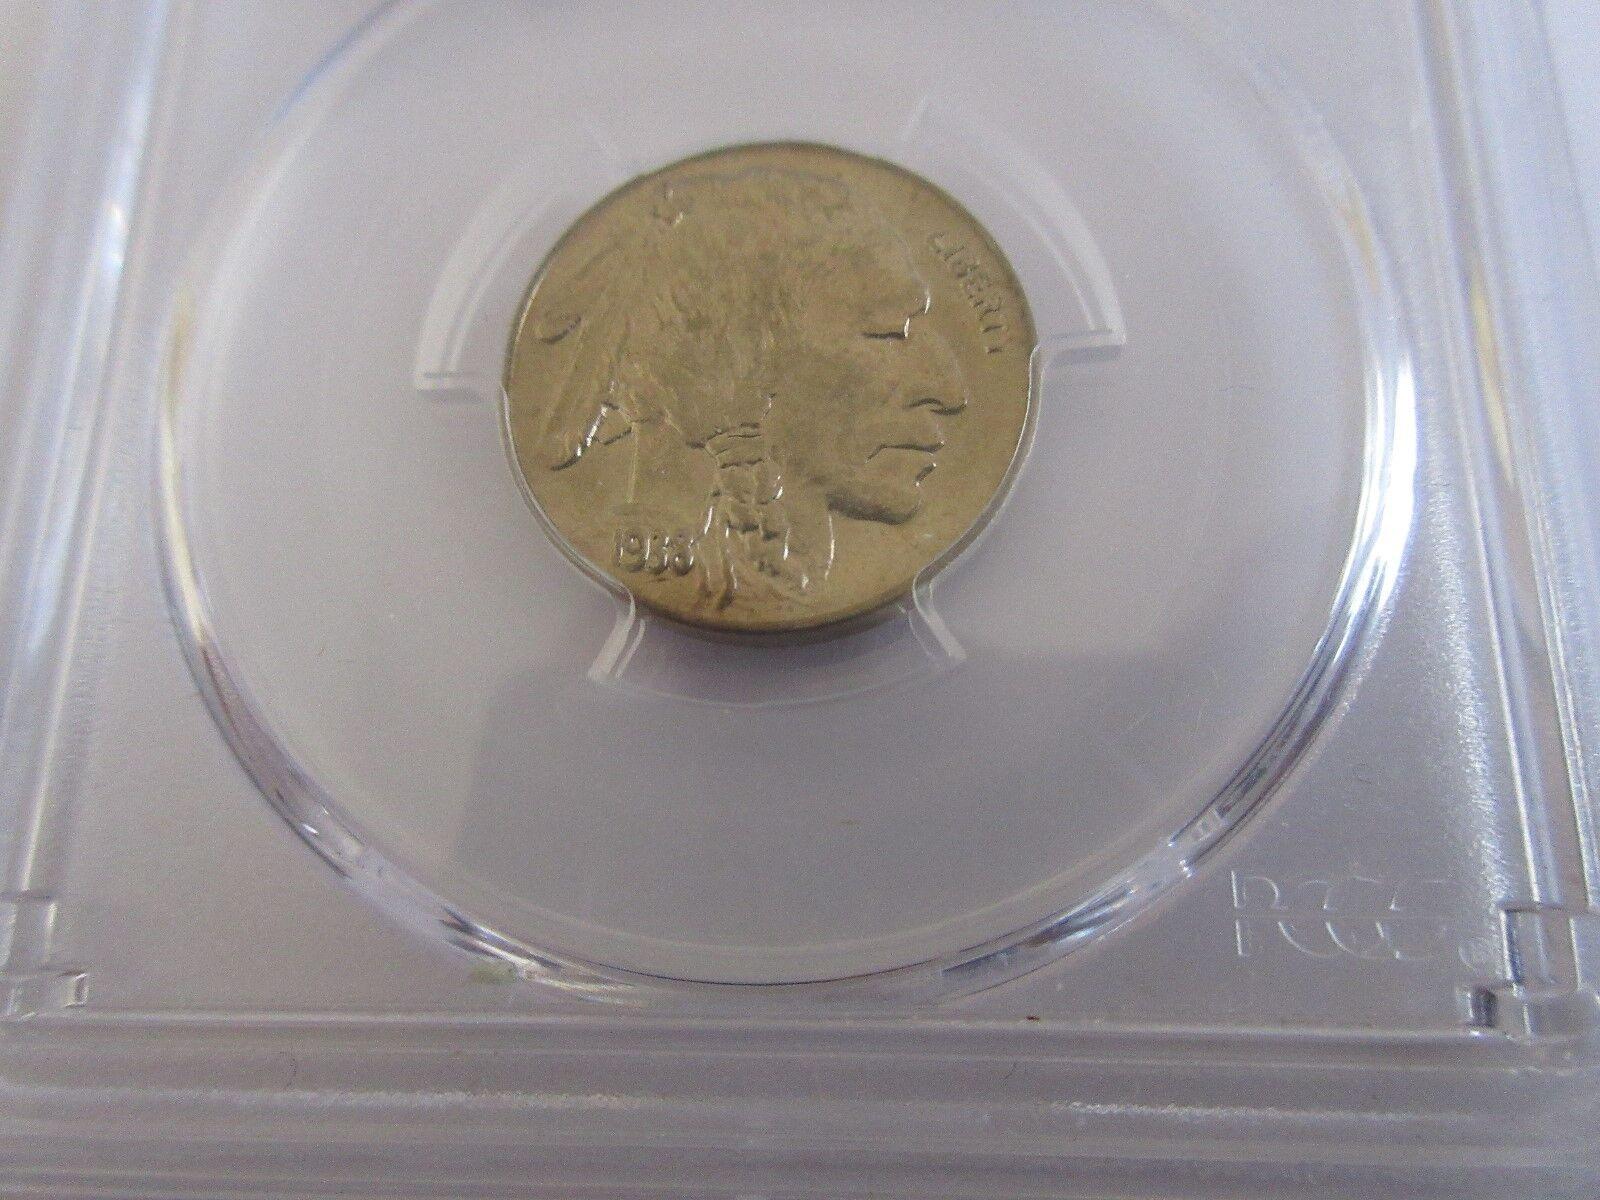 1938-D/D Buffalo 5 Cents PCGS MS 67